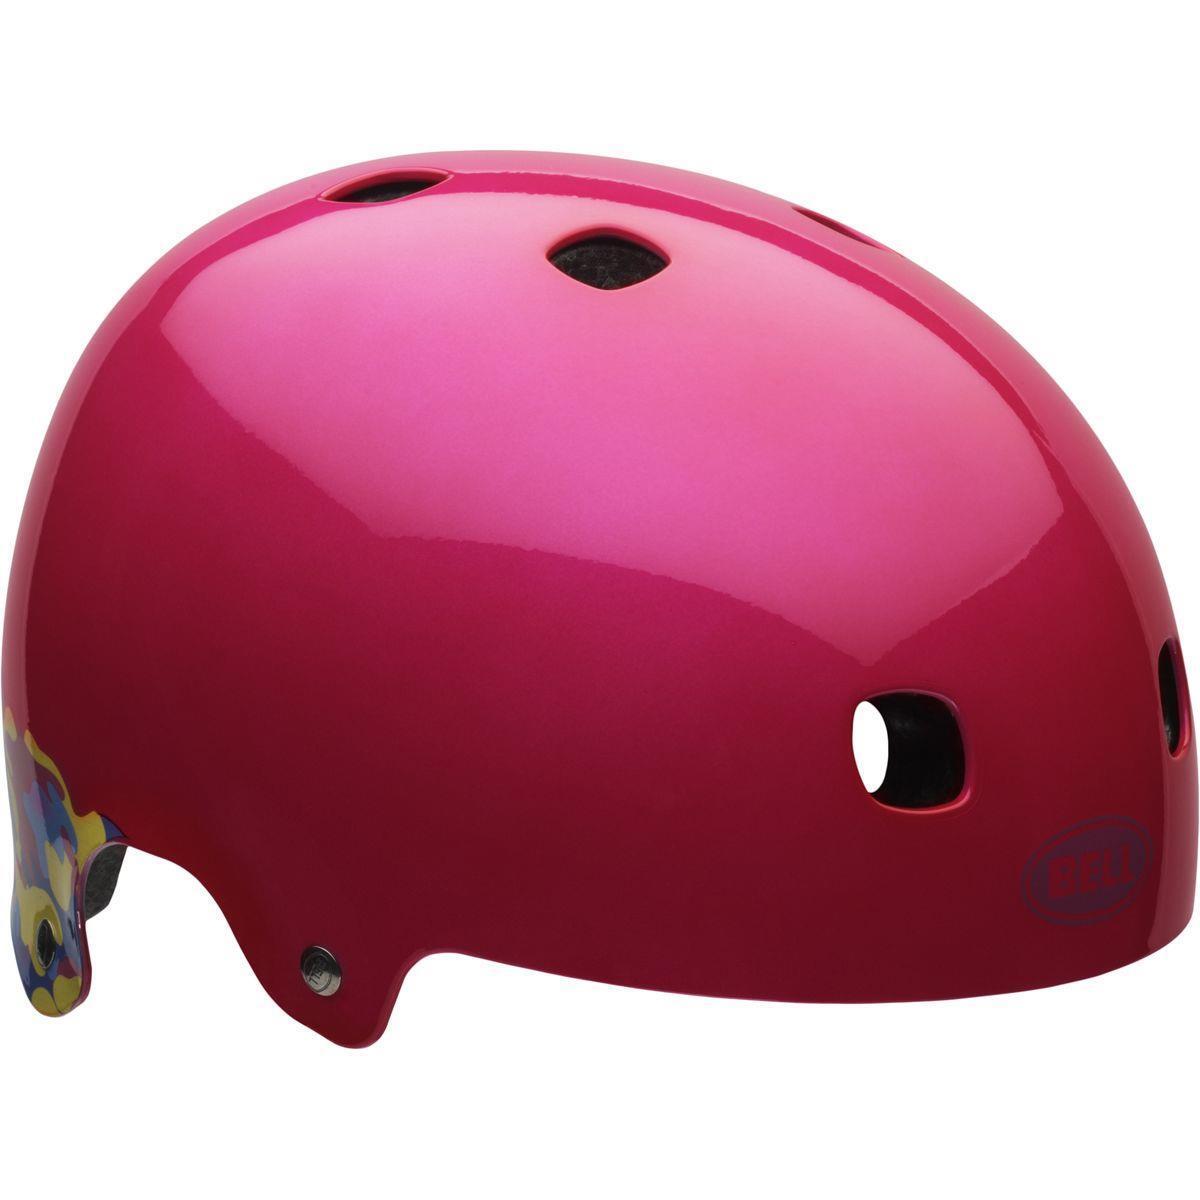 Mũ bảo hiểm xe đạp Bell Segment JR